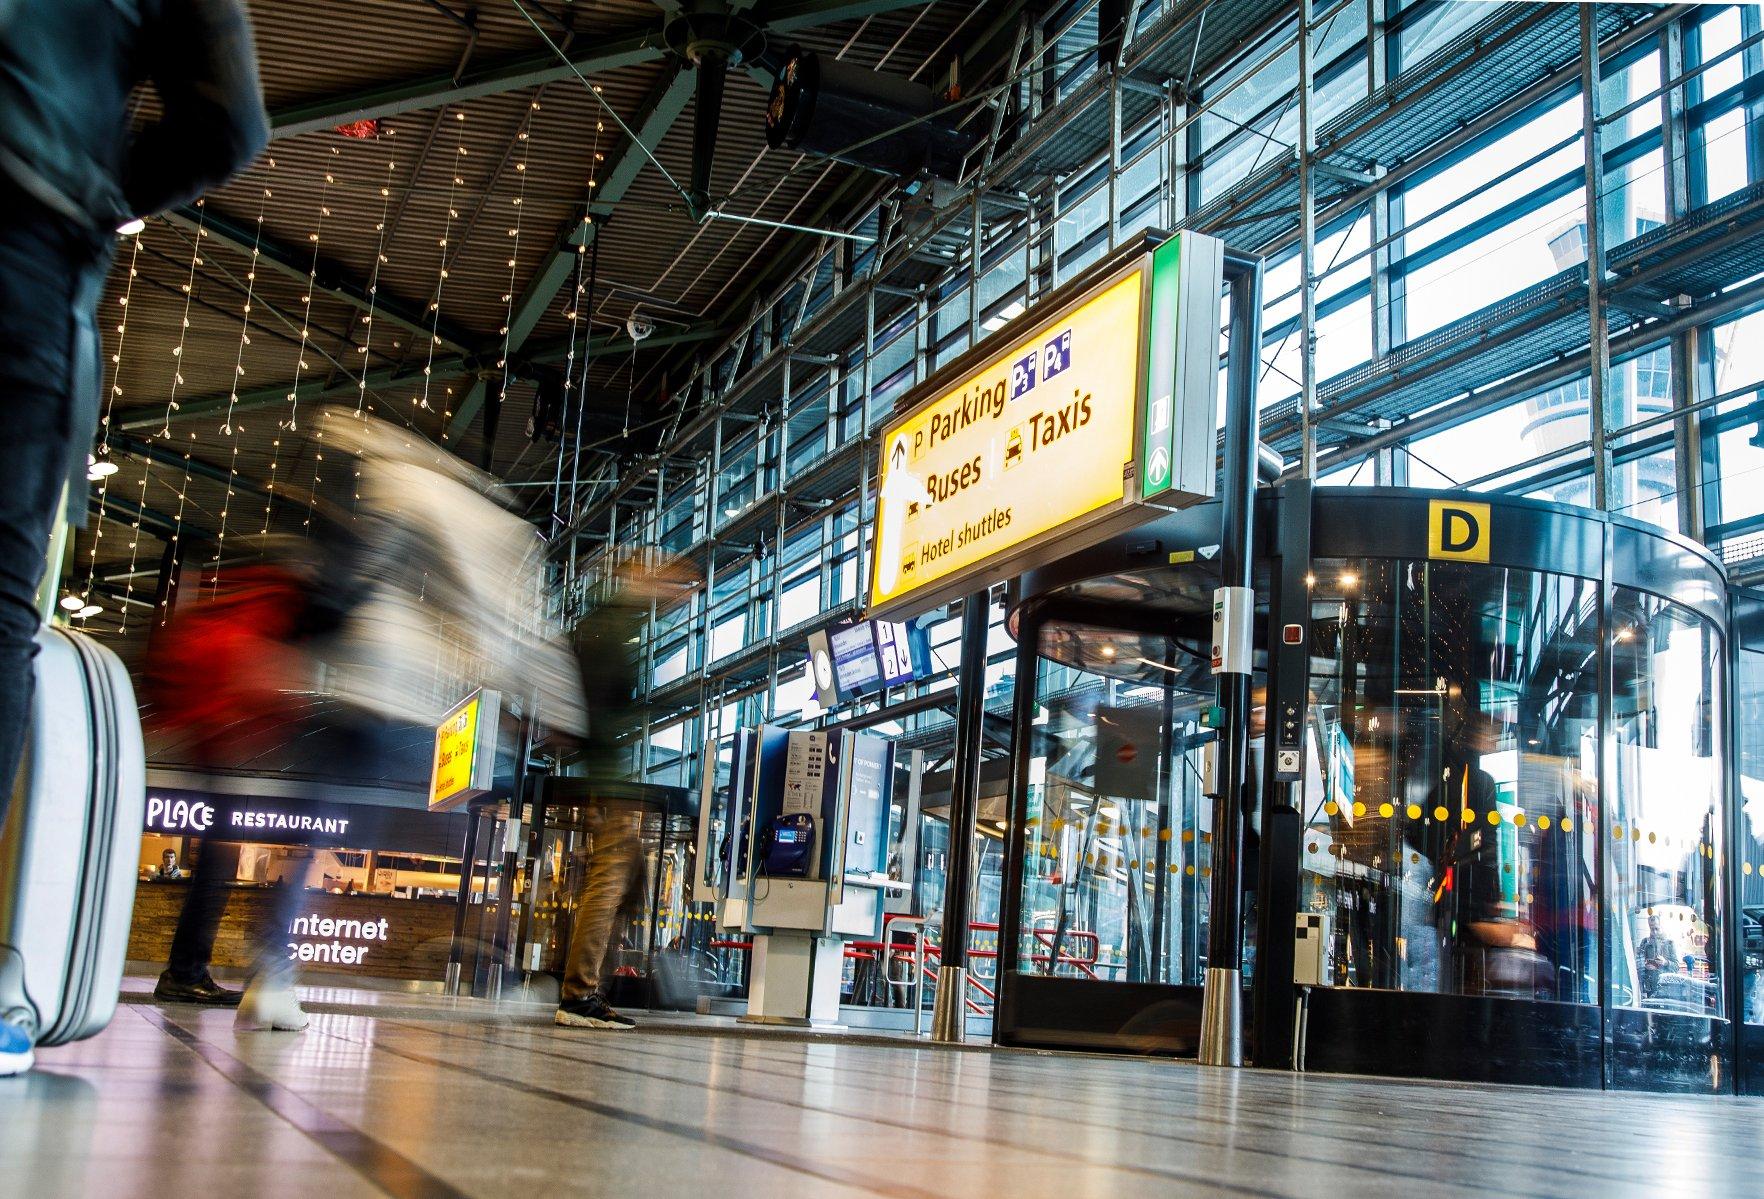 Eingangslösungen von Boon Edam kommen weltweit unter anderem in Bahnhöfen oder öffentlichen Einrichtungen und Gebäuden zum Einsatz.